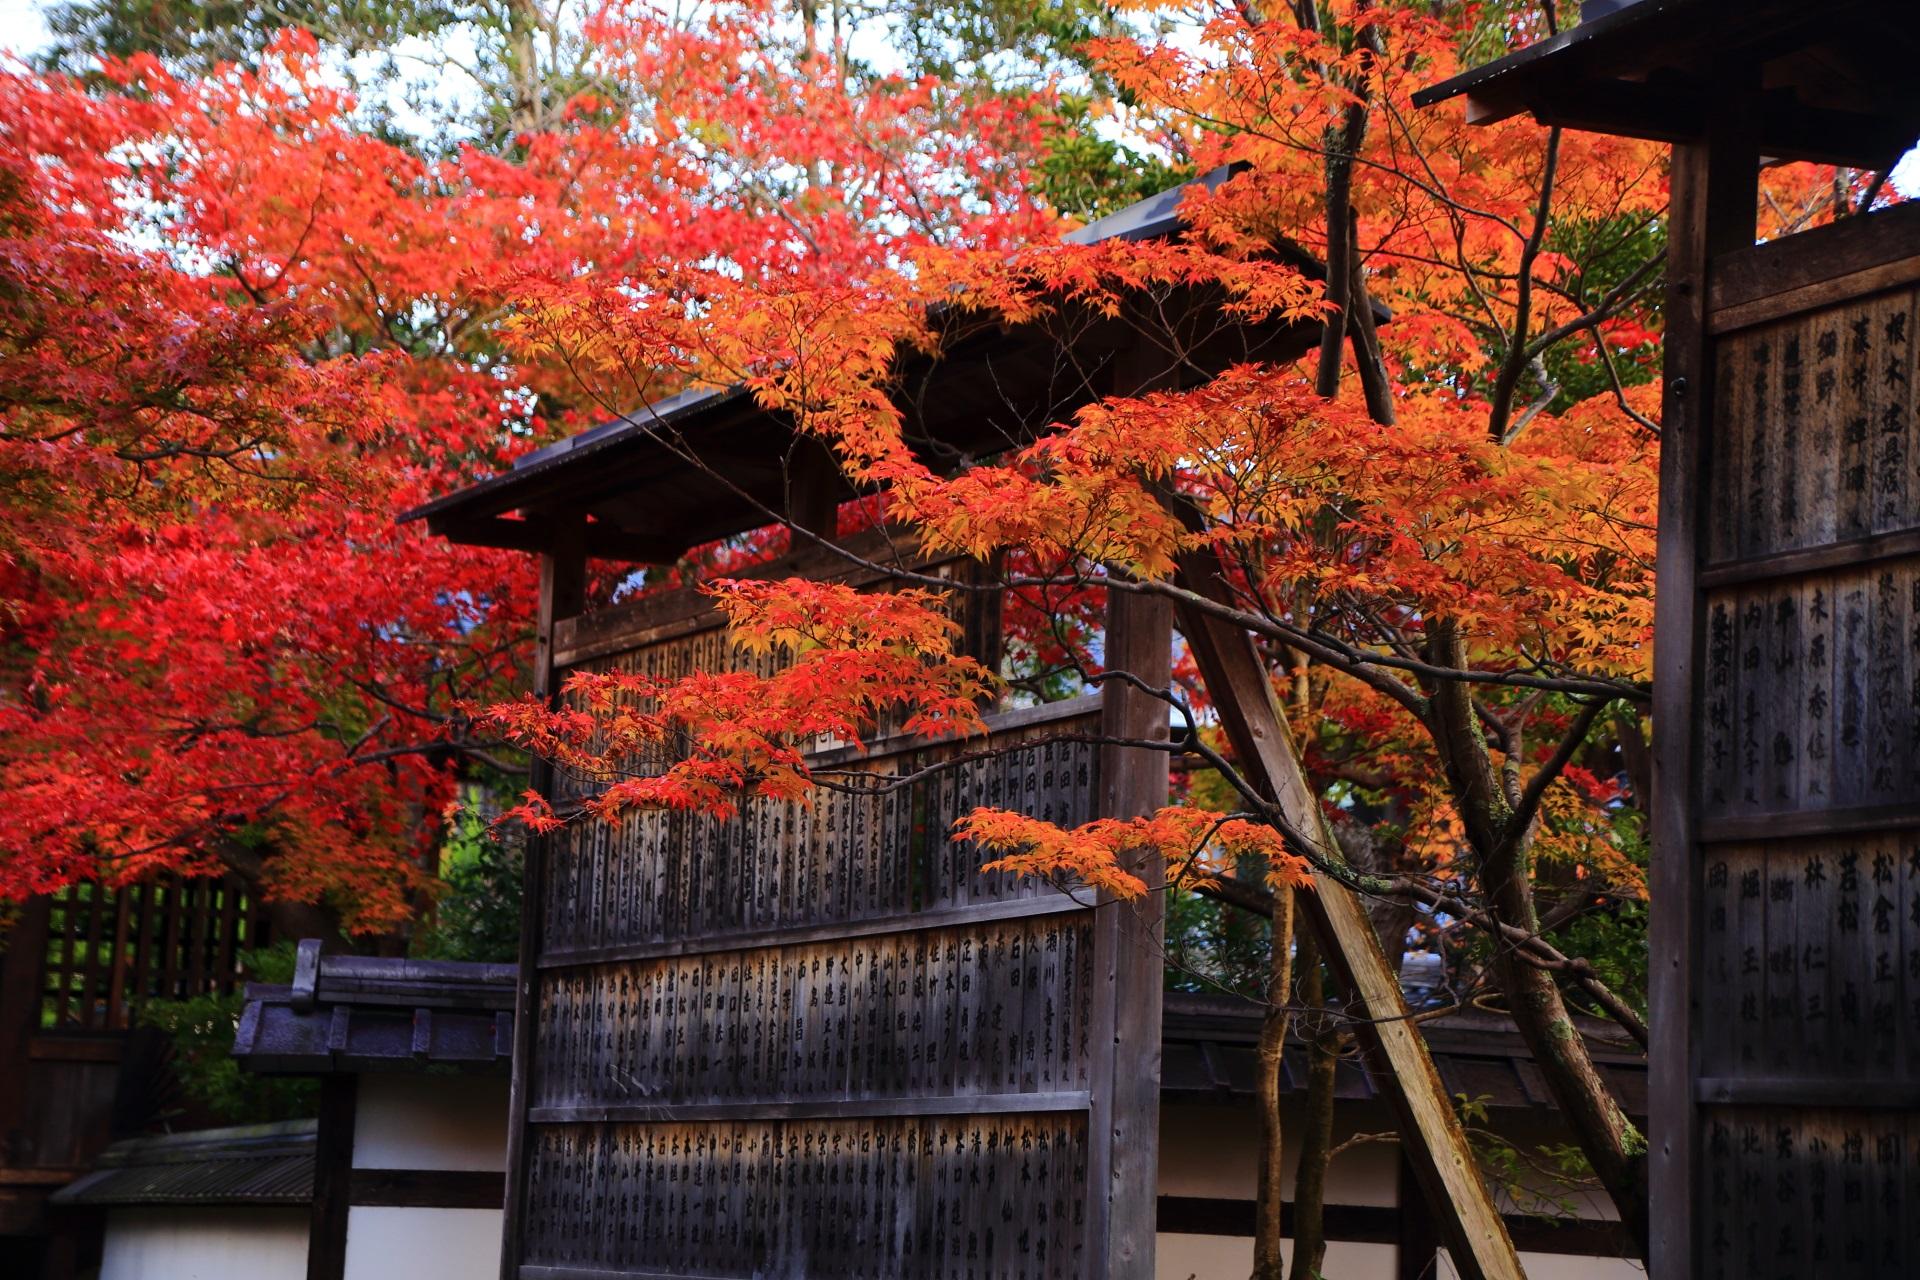 素晴らしい色づきの溢れ出す紅葉